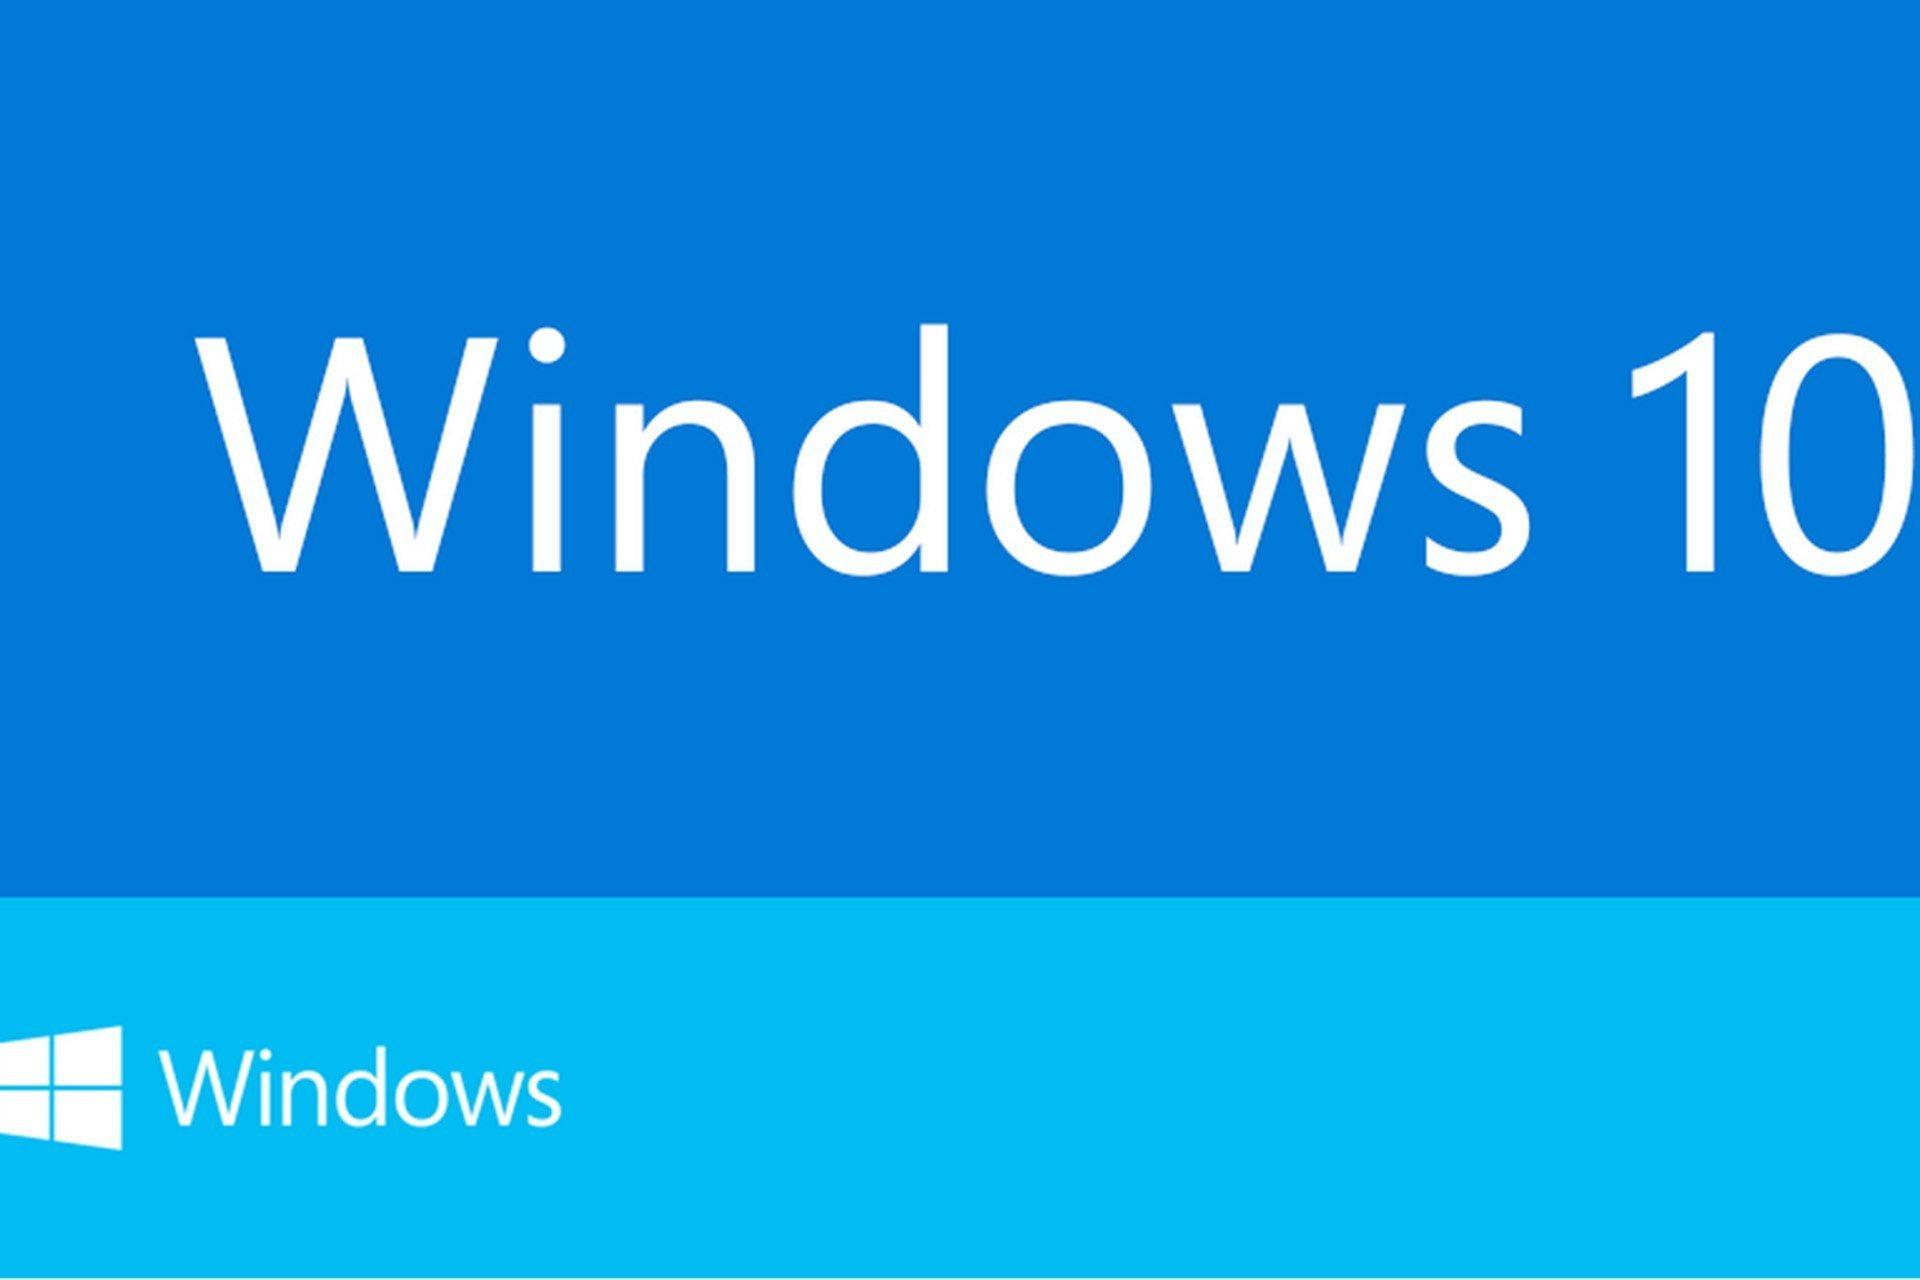 Новые процессоры неработают без Windows 10— Сопротивление бесполезно